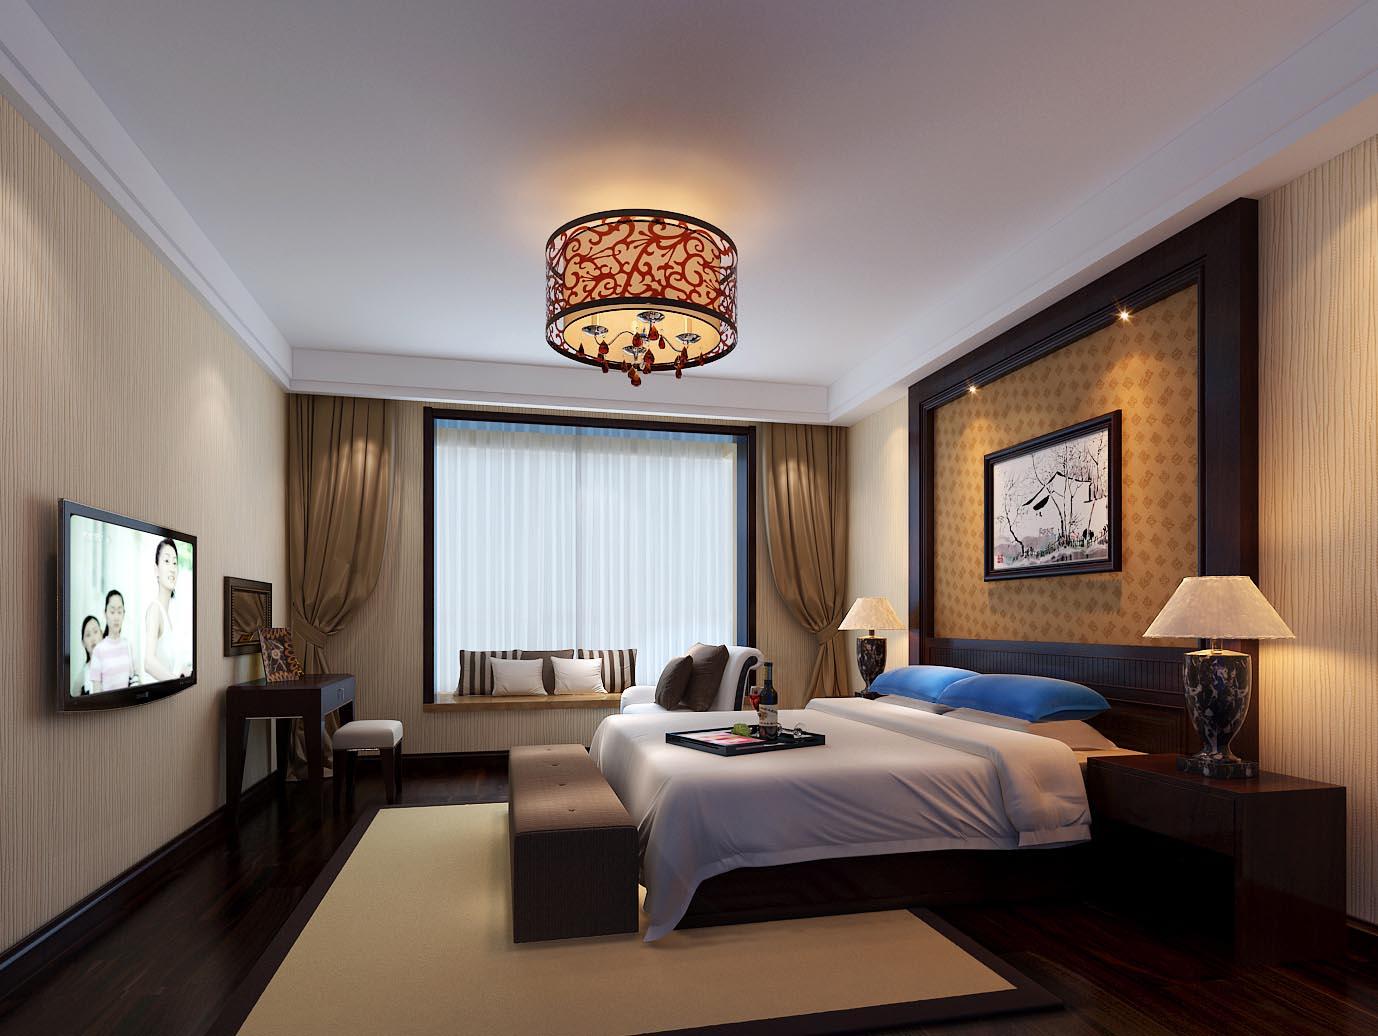 中式古典三居室卧室榻榻米装修效果图